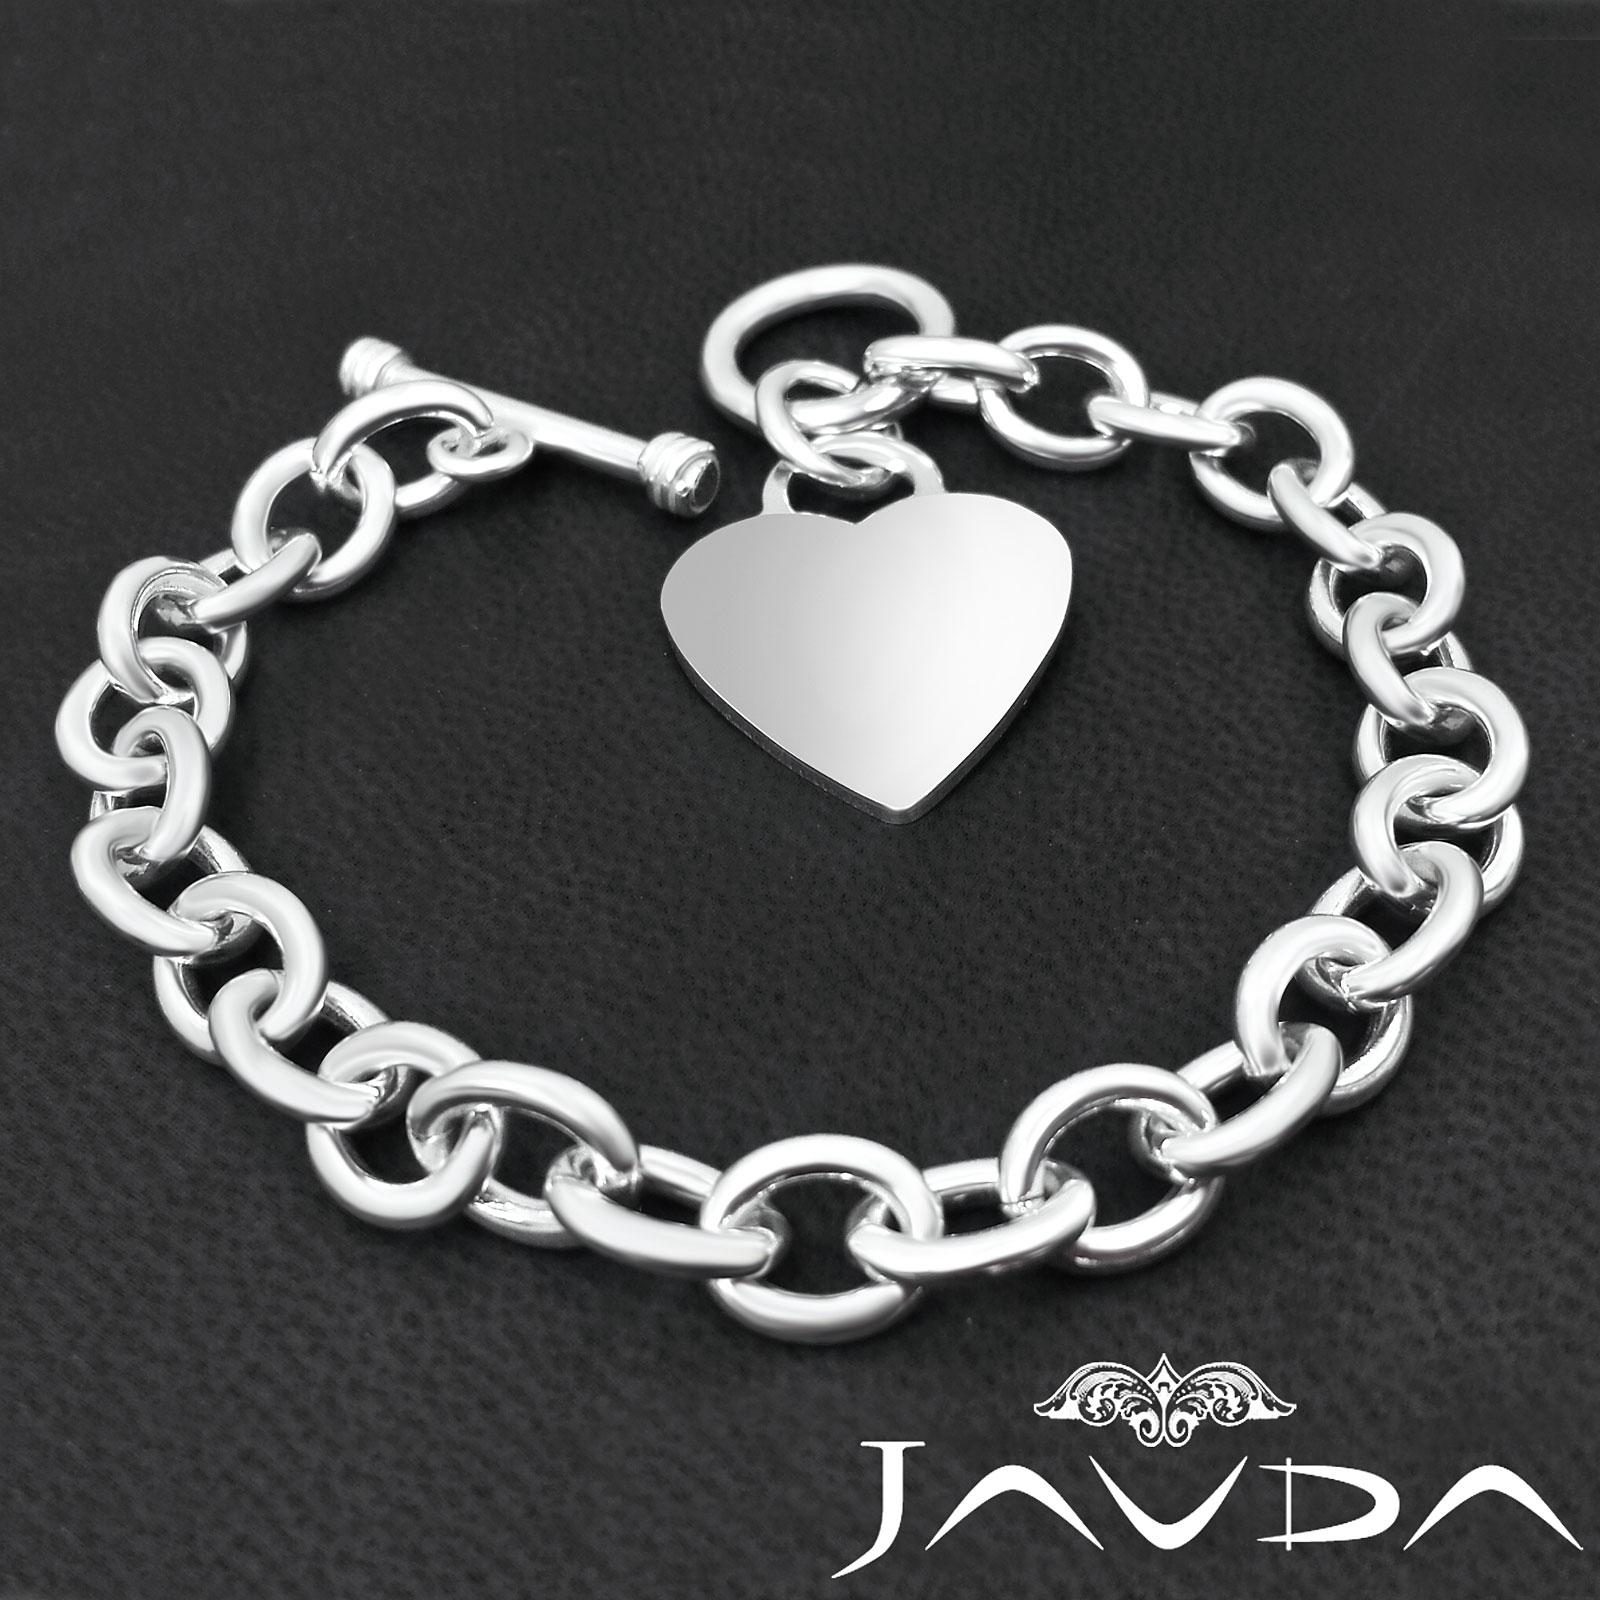 Women039s Bangle Bracelets: Heart Rolo Chain Link 925 Sterling Silver Gorgeous Women's